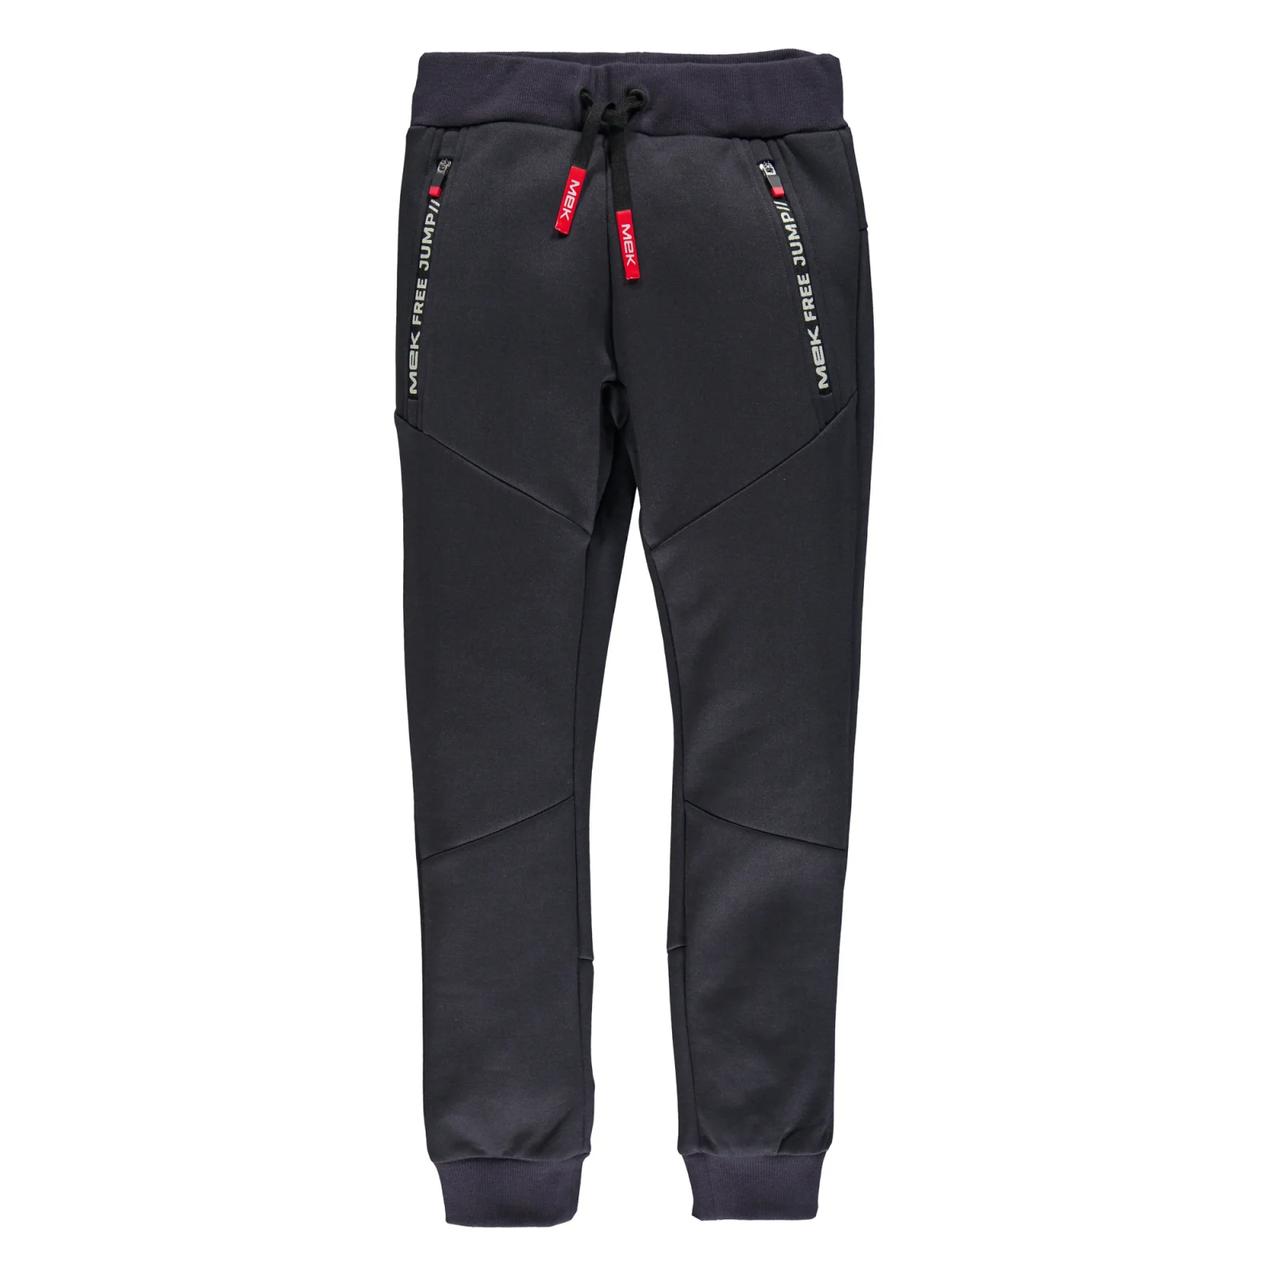 Спортивные брюки  для мальчика MEK   201MHBM011-877 черные  128-170